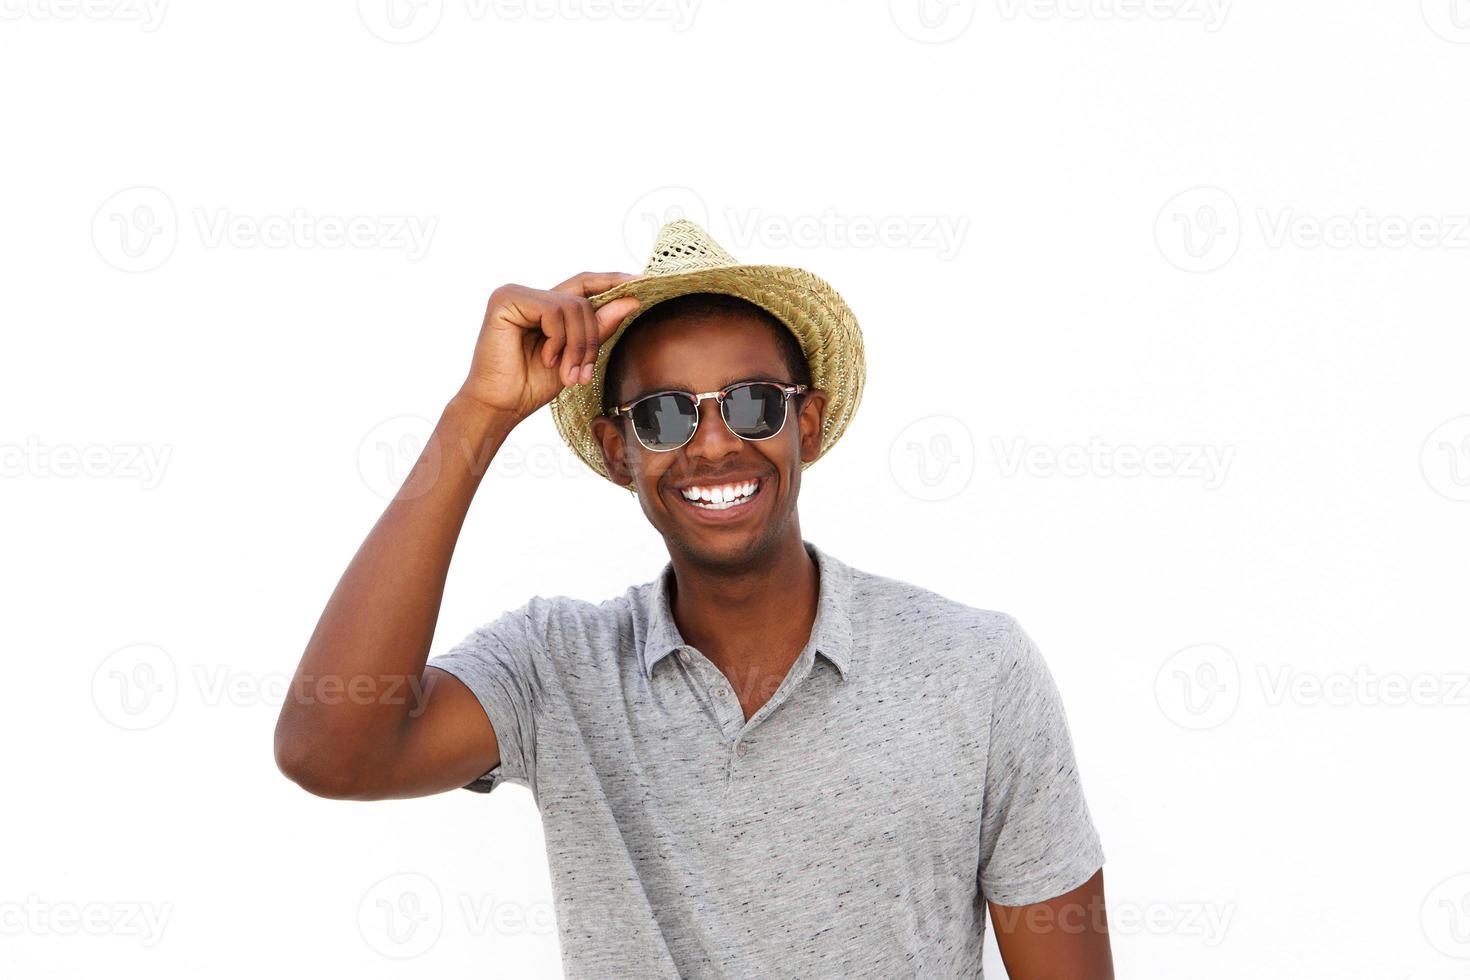 vrolijke Afro-Amerikaanse man glimlachend met hoed en zonnebril foto